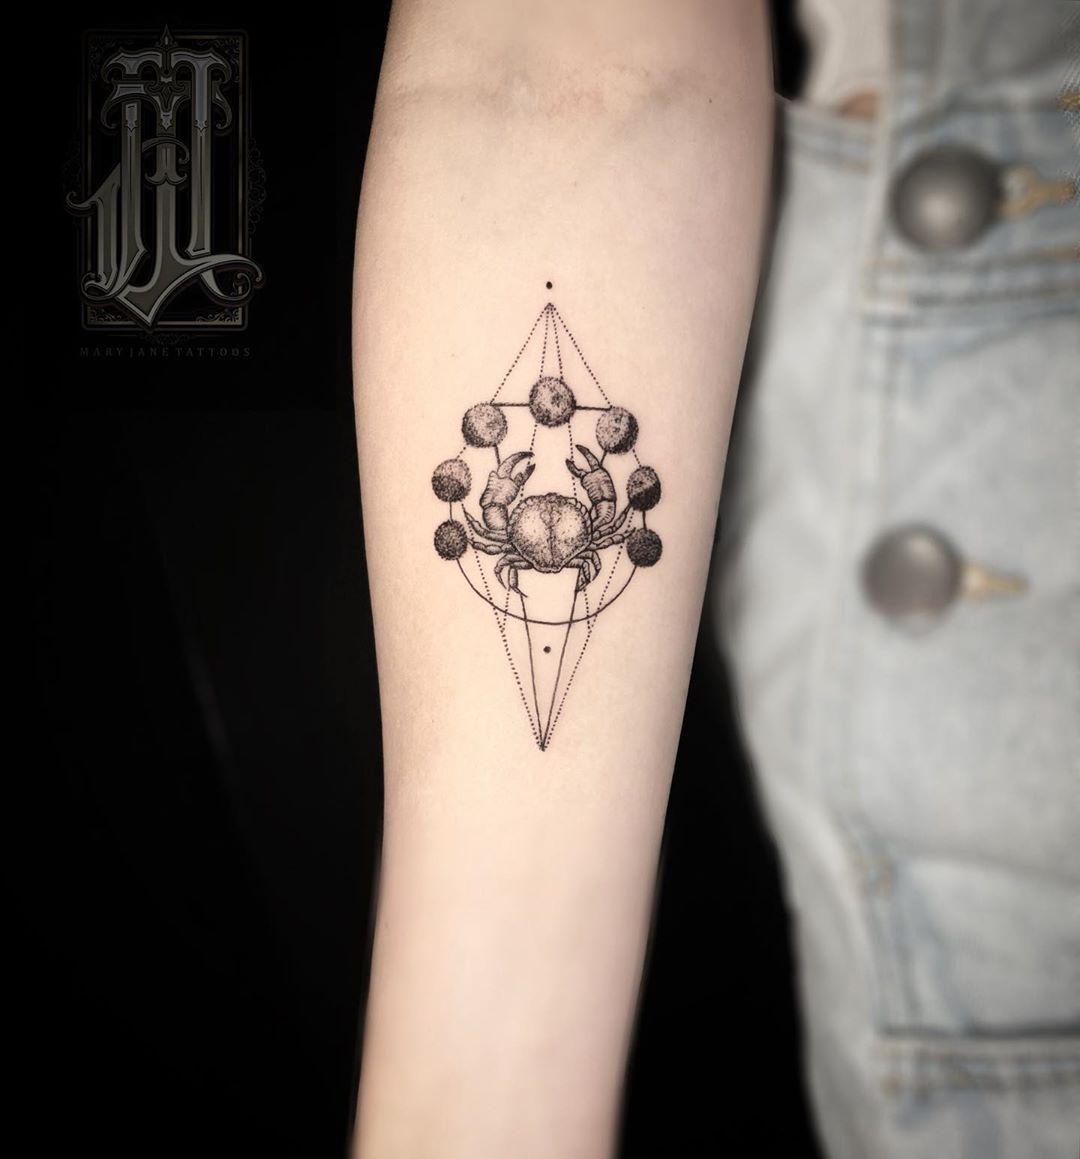 Tatuajes Zodiacales Para Cada Signo Son Encantadores